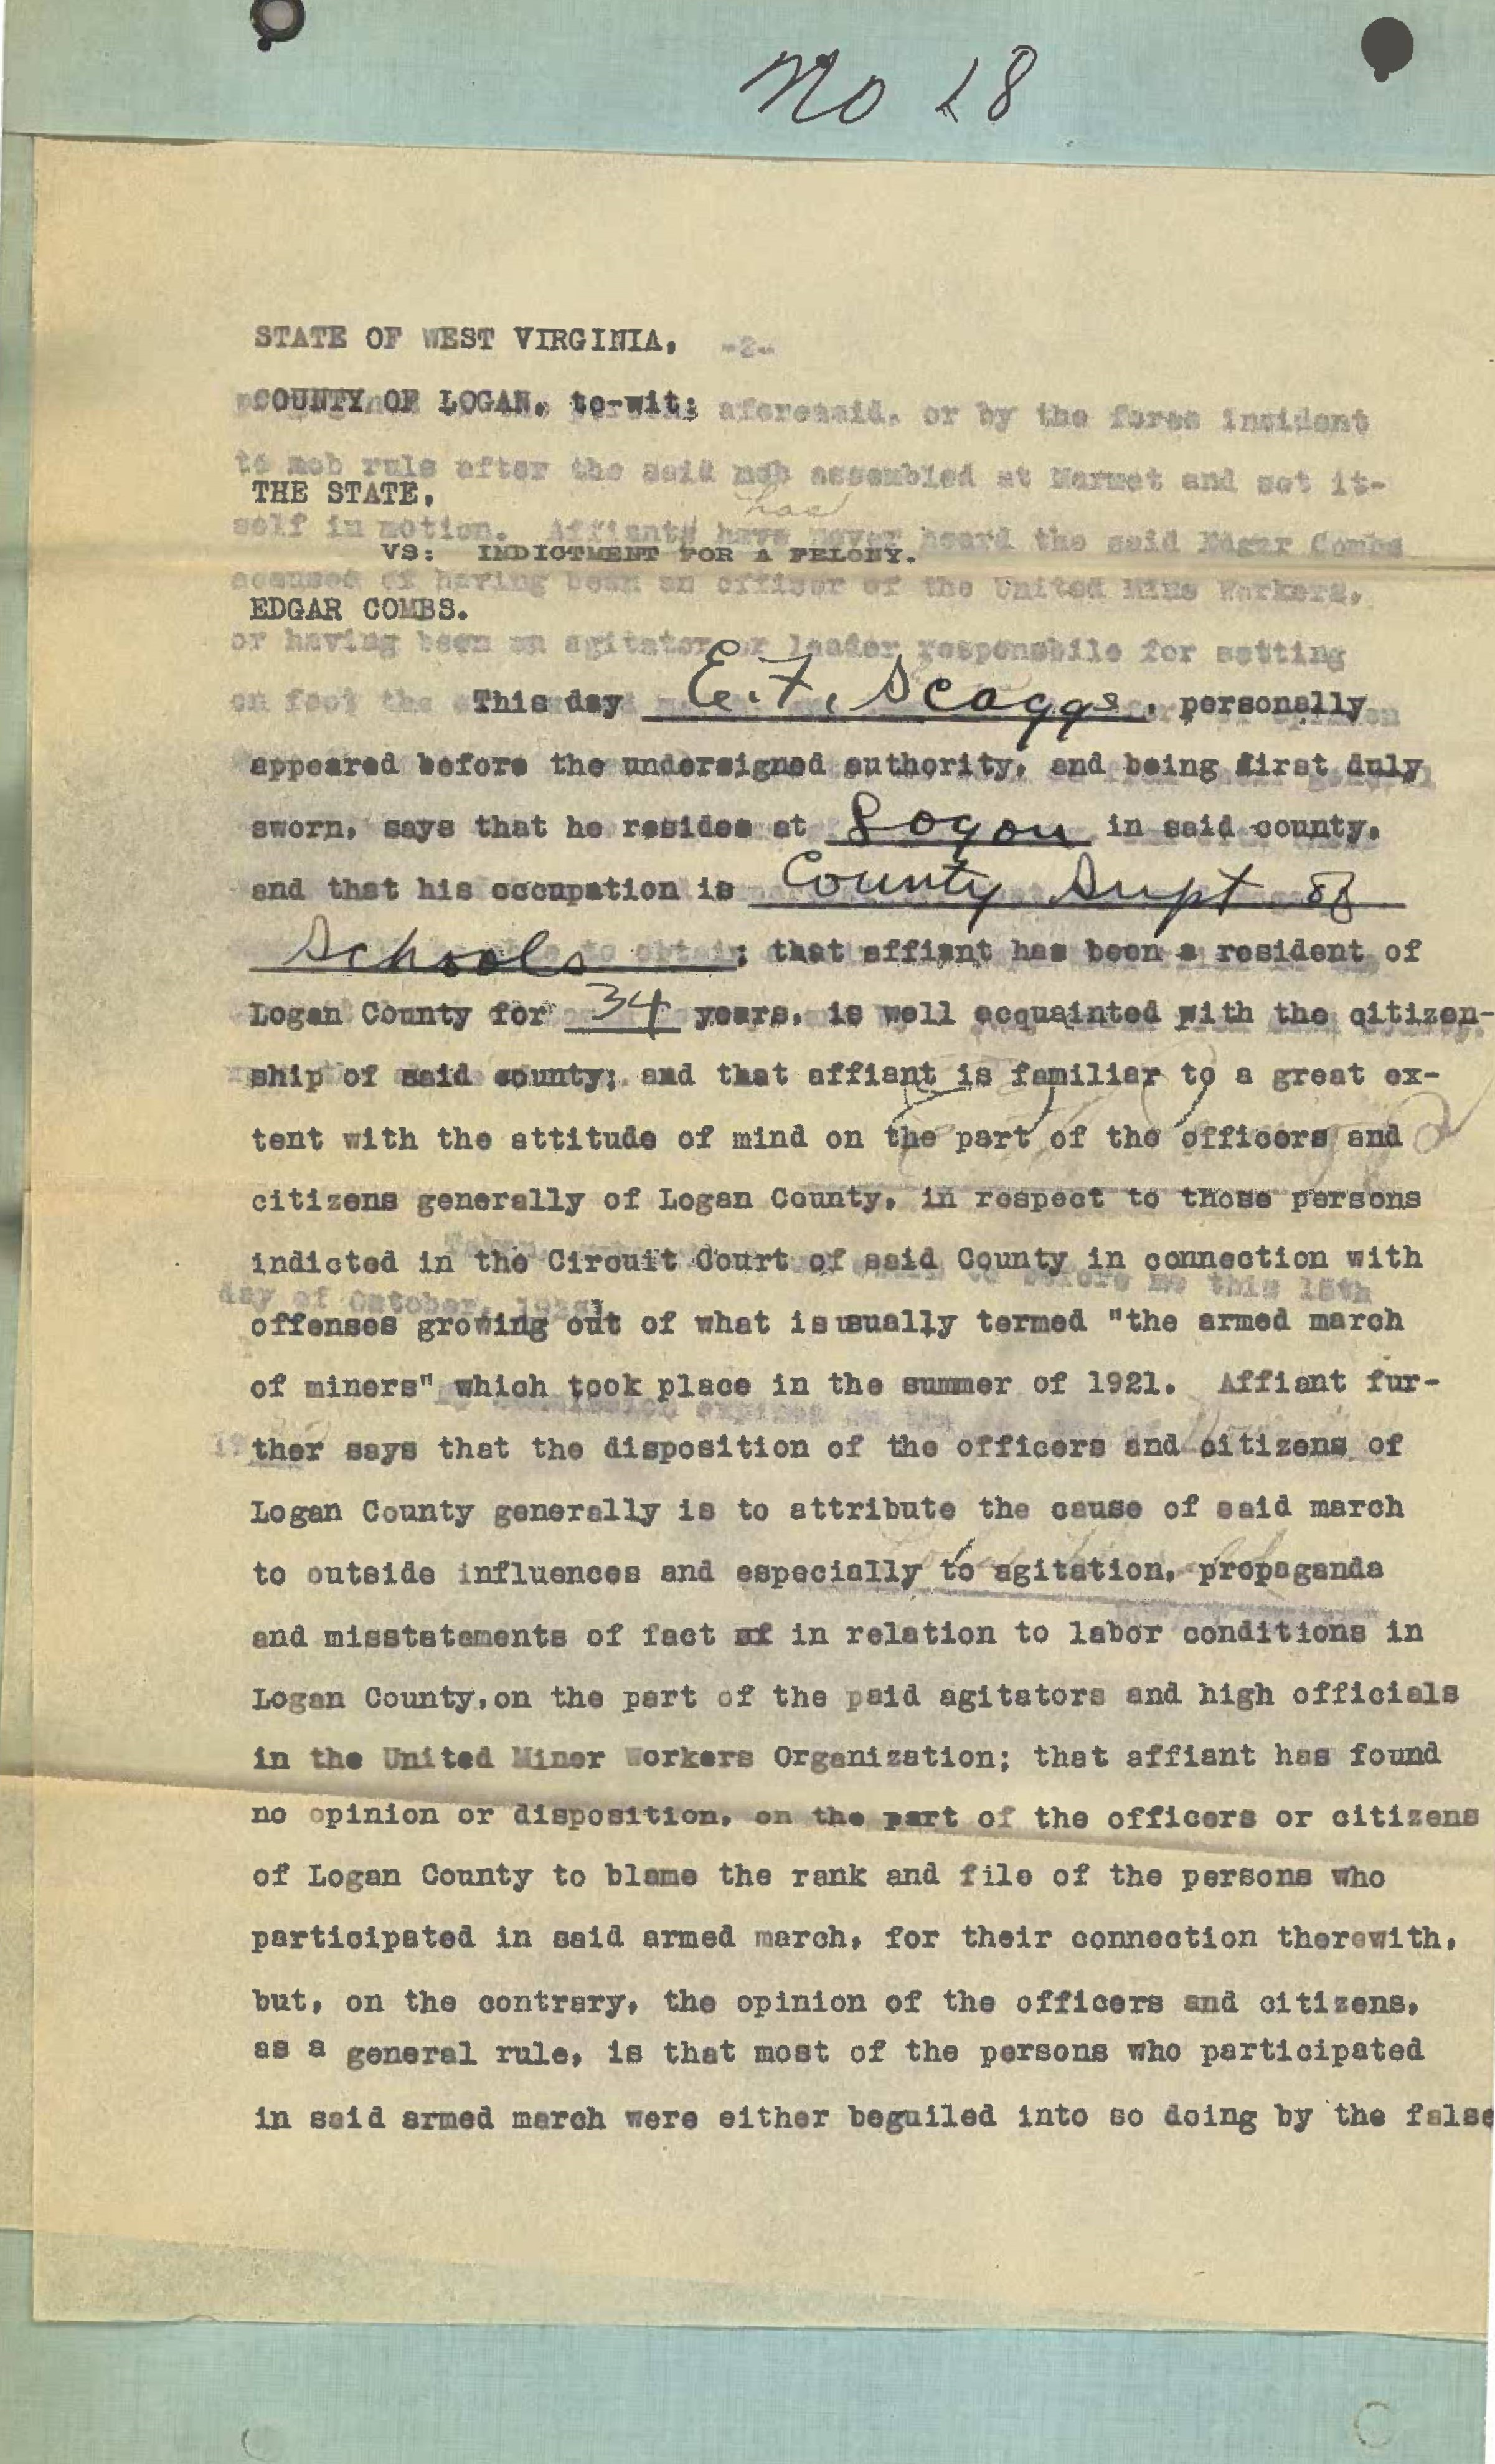 Document 18-1